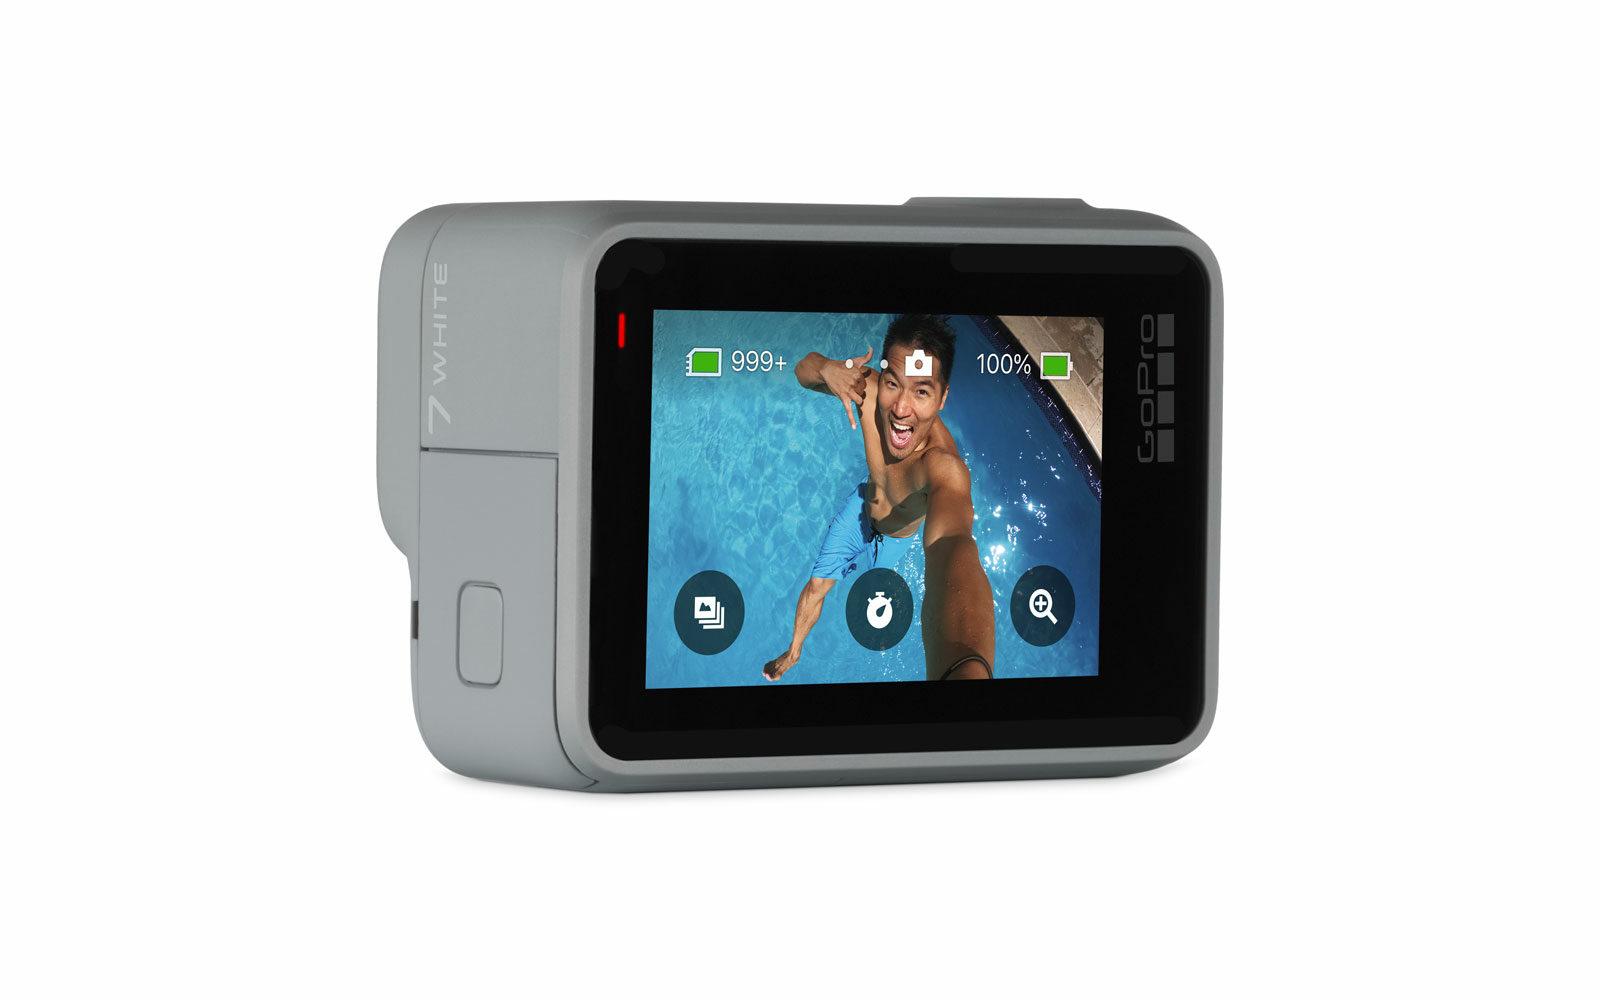 GoPro Hero7, robusta, impermeabile, touchscreen intuitivo, controllo vocale, timer per foto e selfie, video stabili, slowmotion, connessione con altri device e con i social, euro 219